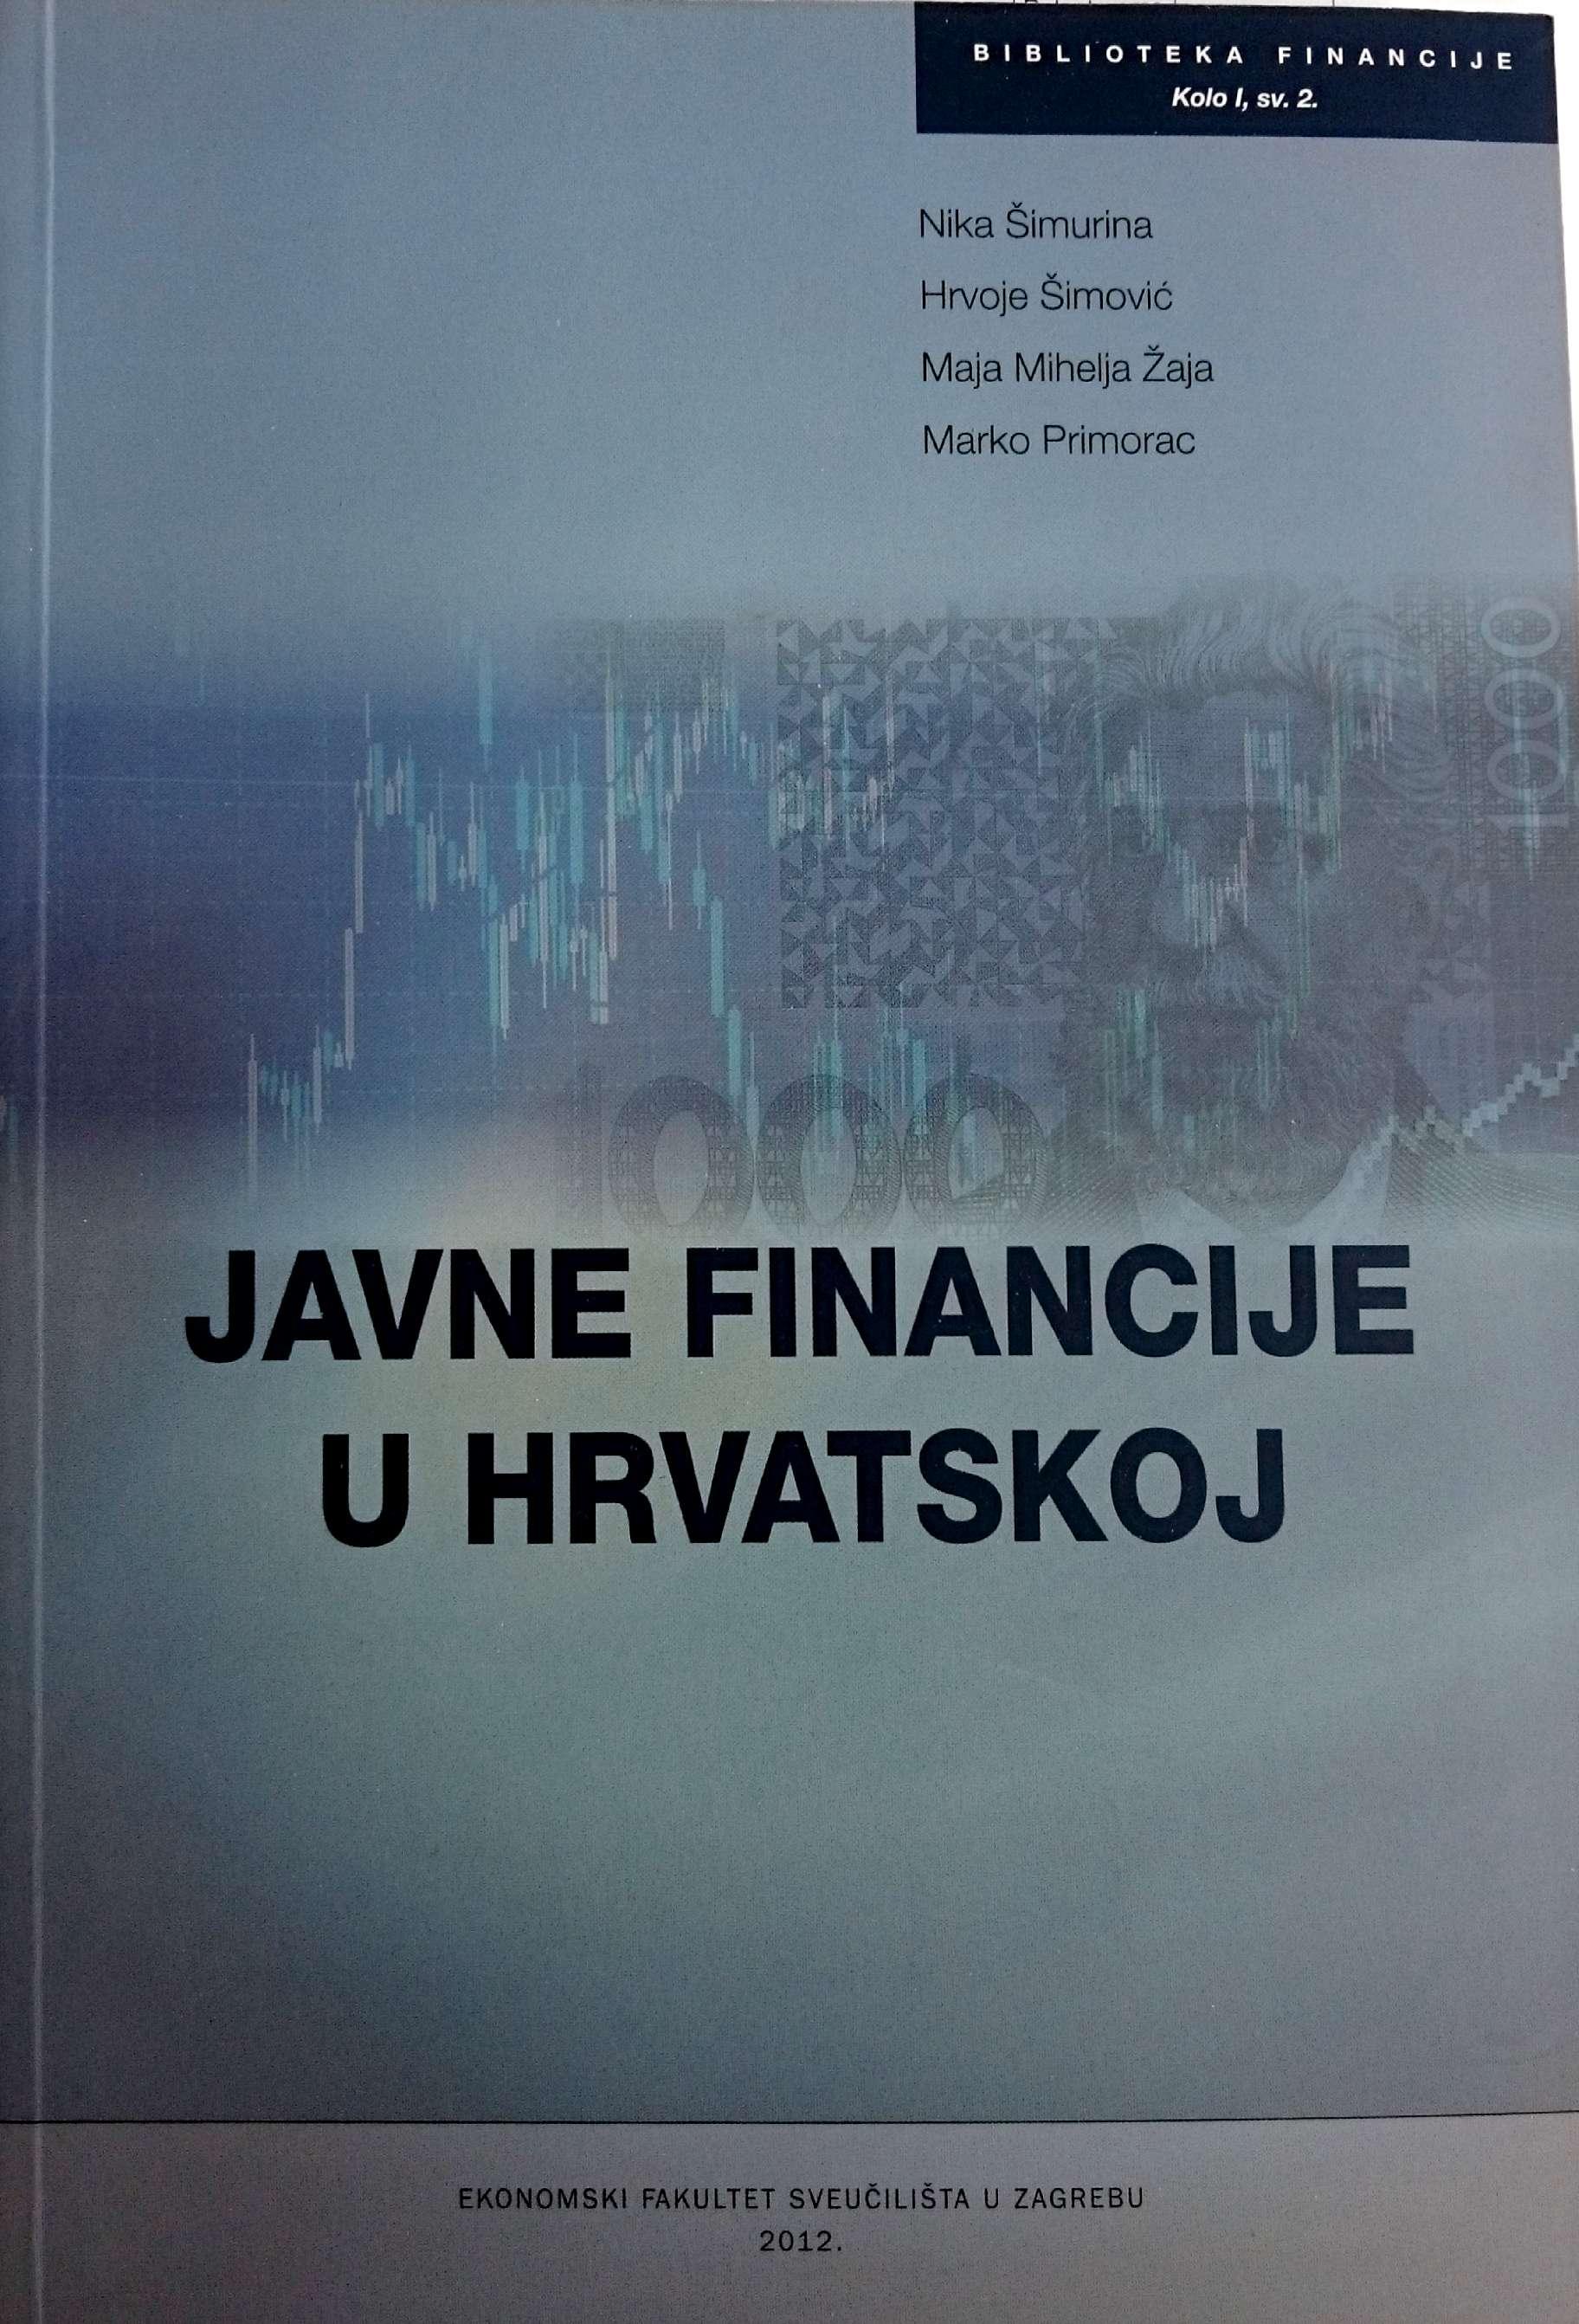 JAVNE FINANCIJE U HRVATSKOJ,2012